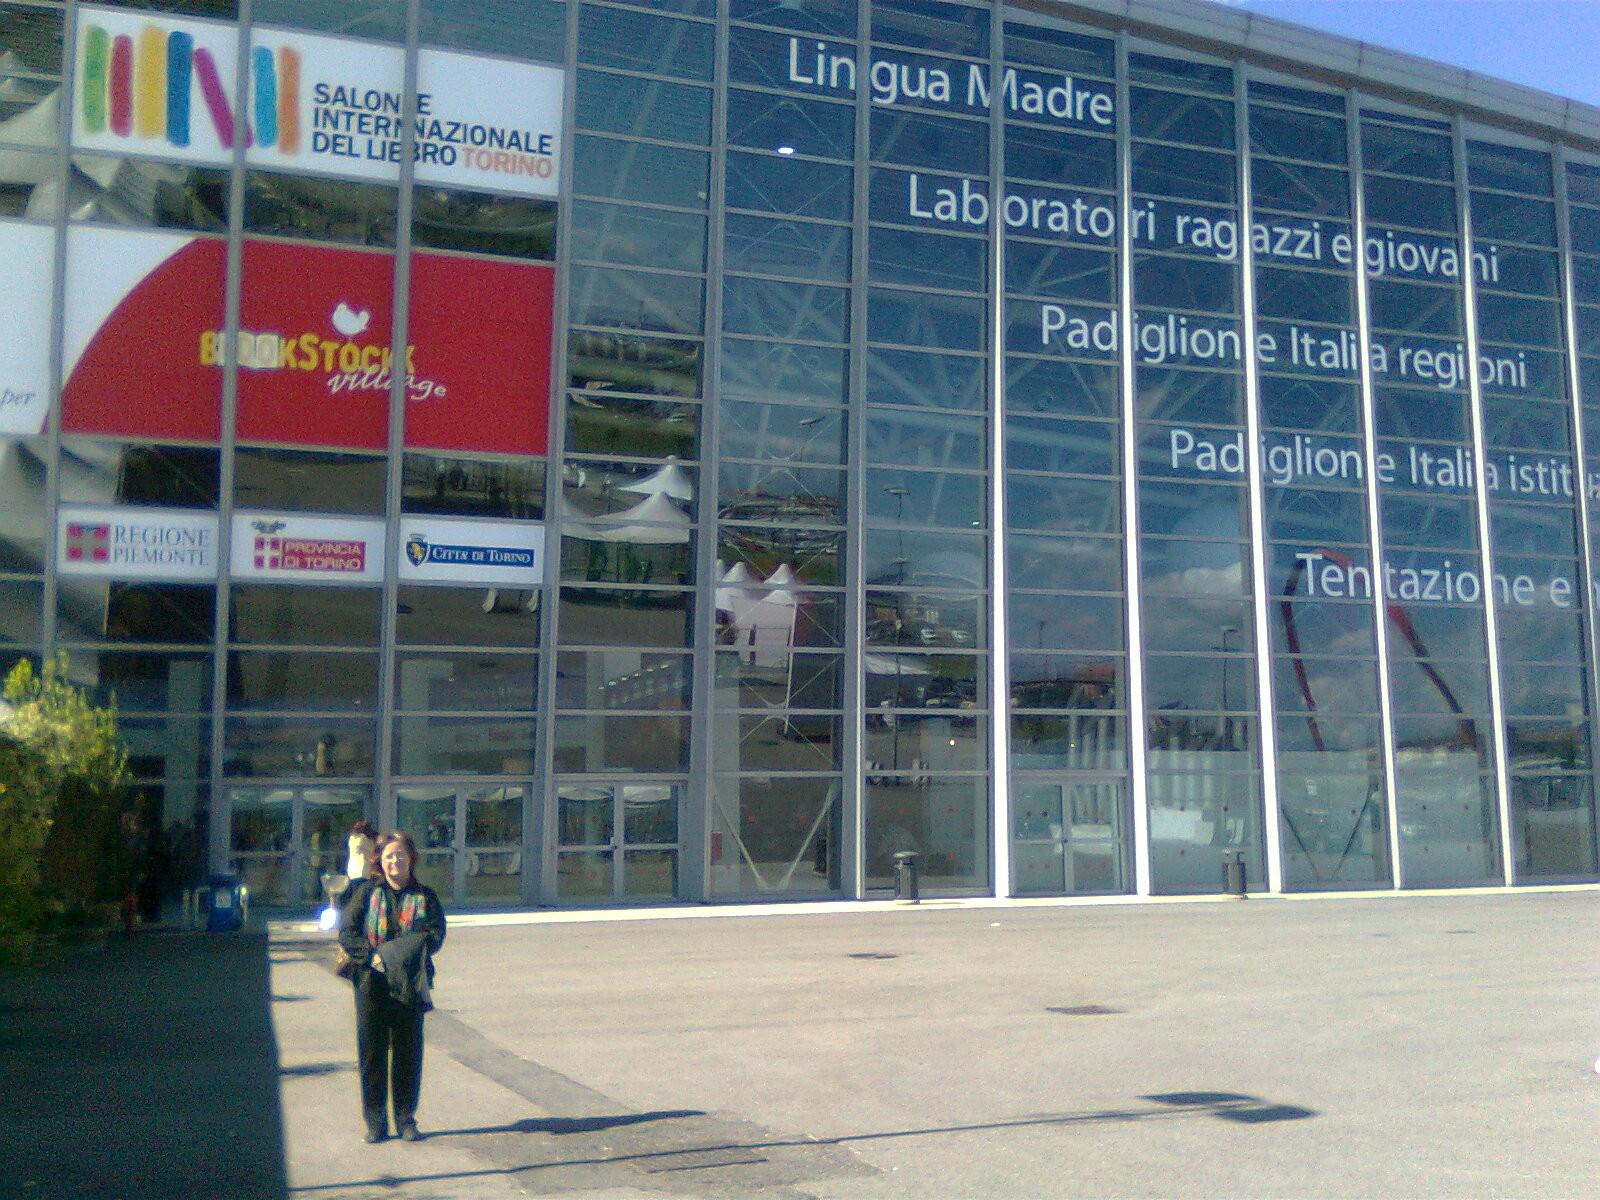 Torino, Salone internazionale del Libro 2011